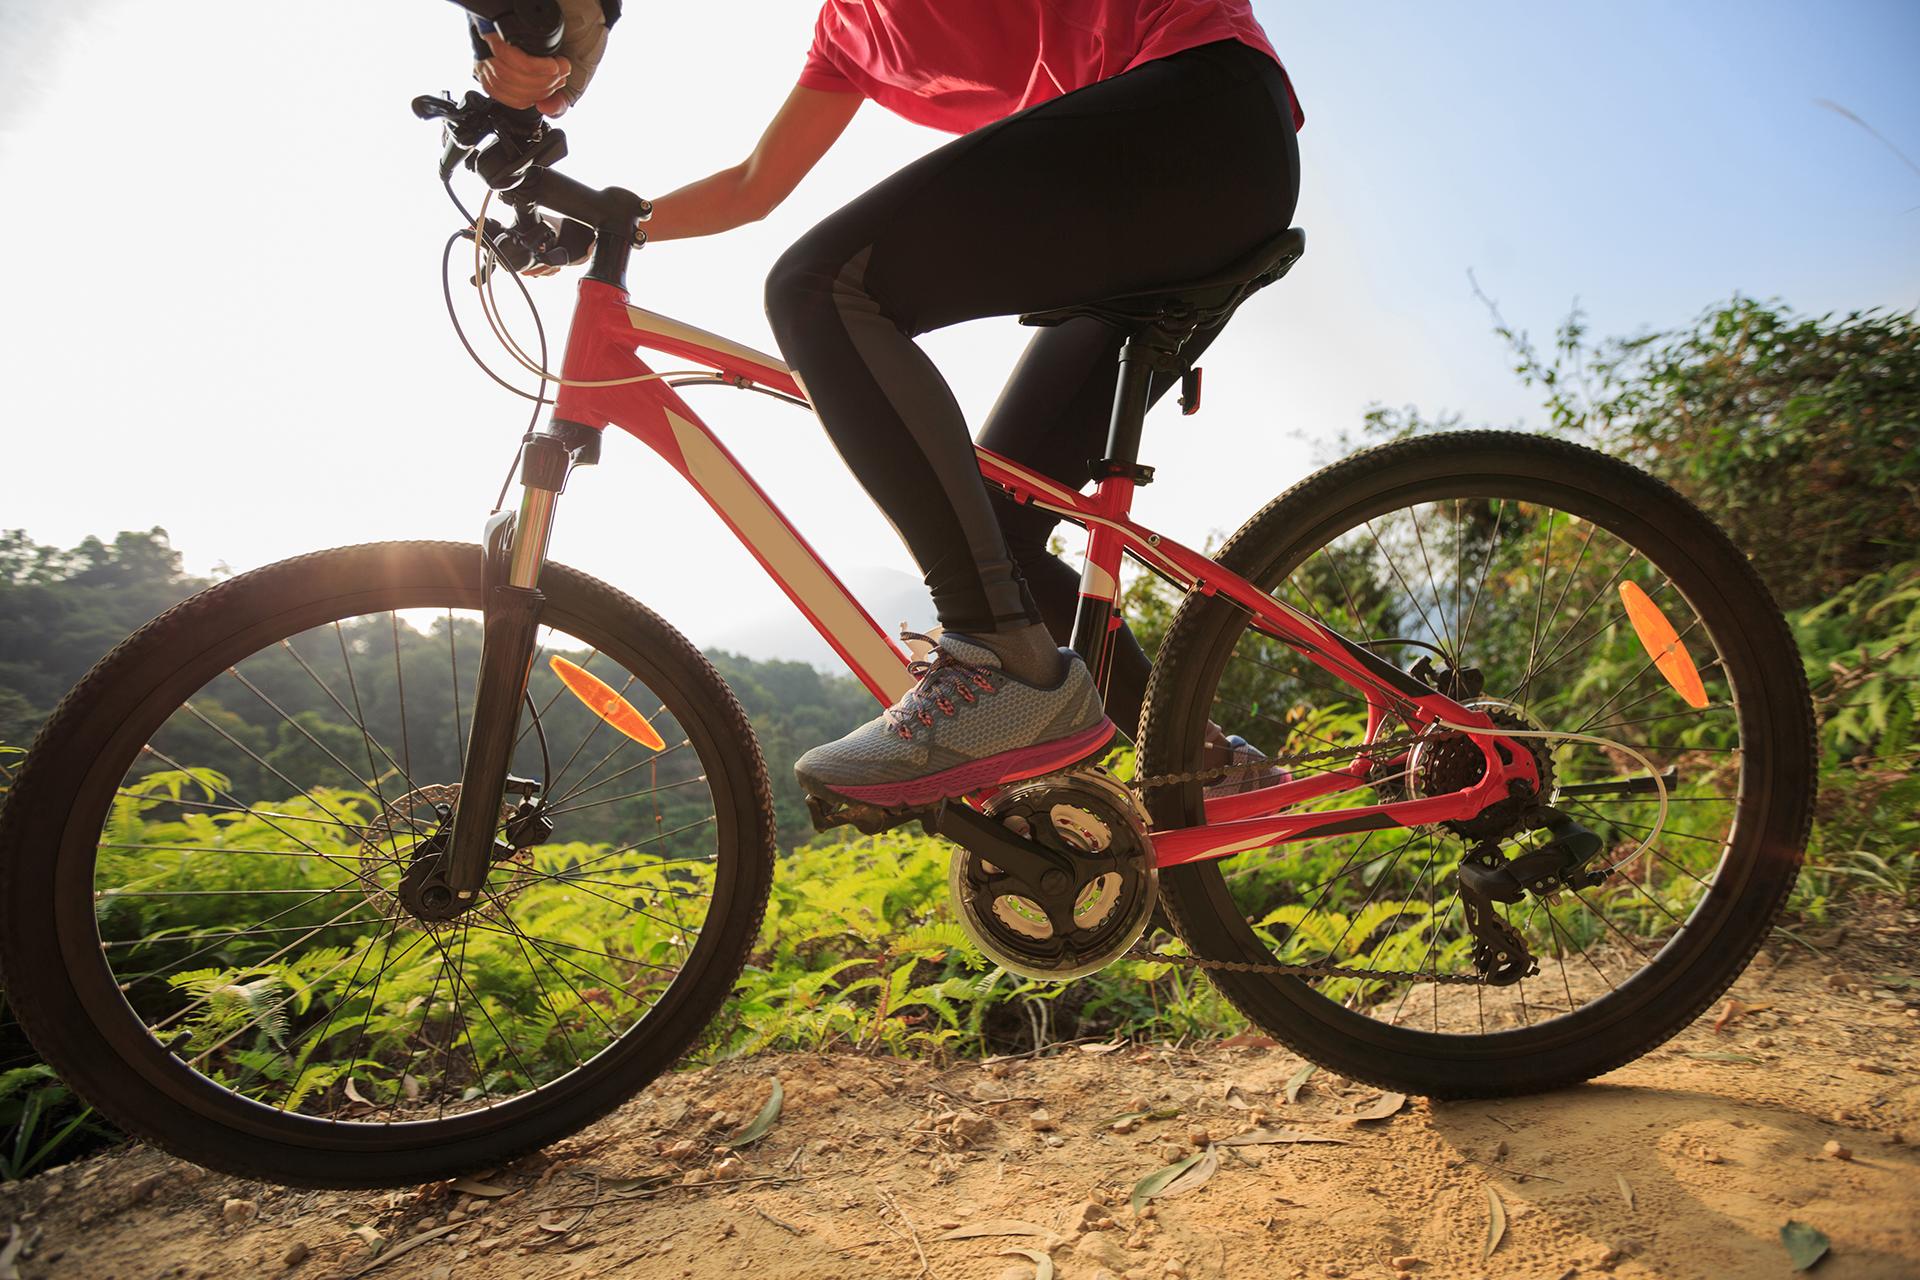 Quadros de bike: veja os materiais e as diferenças entre eles